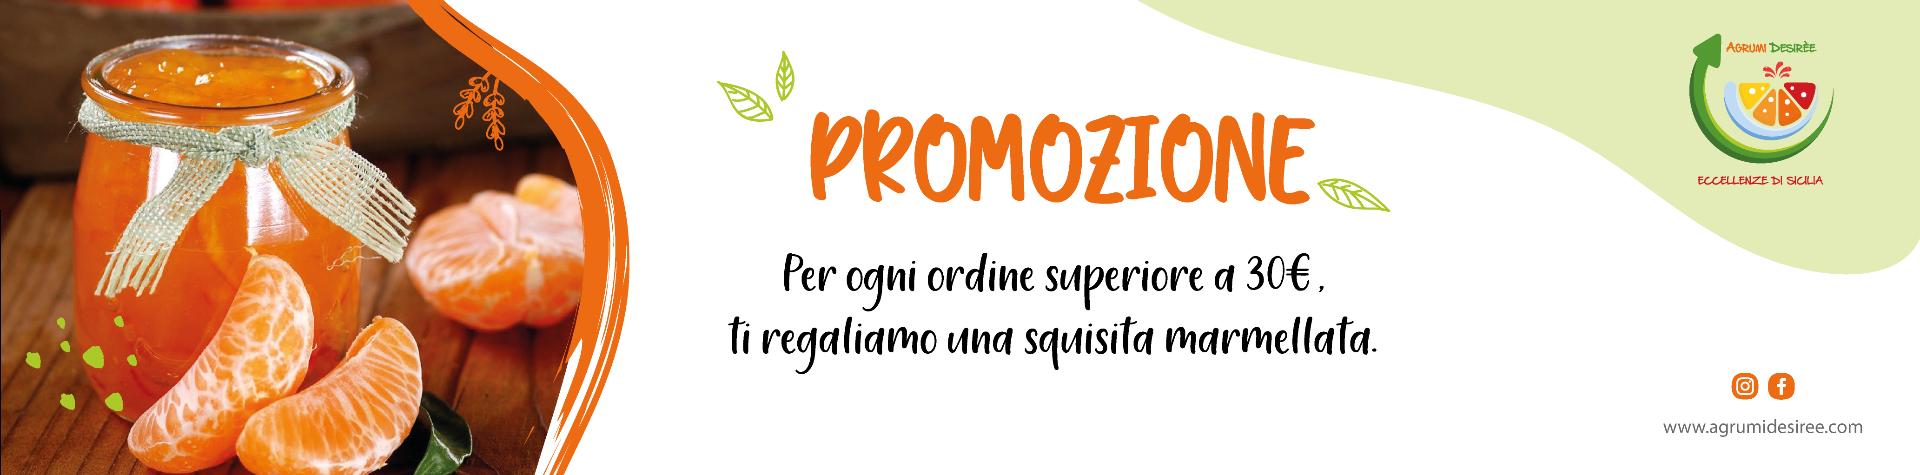 Promozione_Marmellata